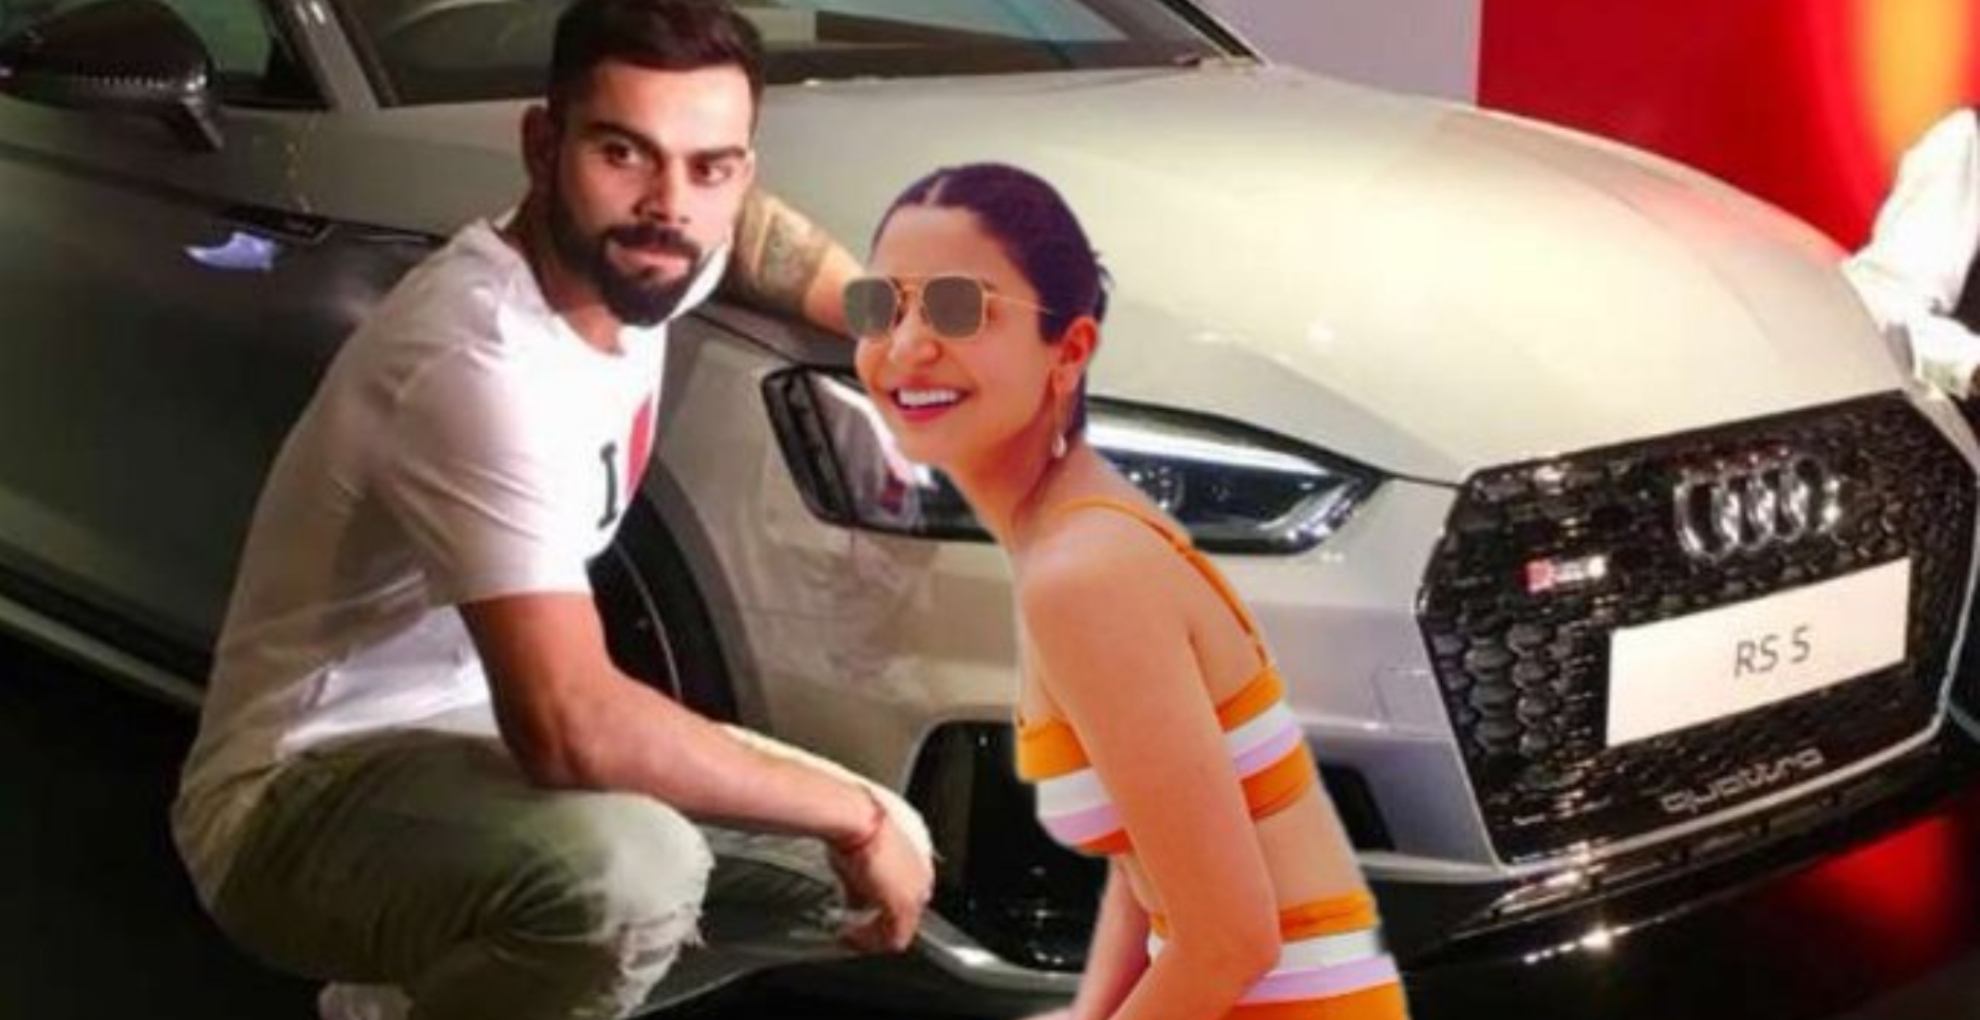 अनुष्का शर्मा की बिकिनी तस्वीर पर जमकर बन रहे हैं मीम्स, सोशल मीडिया पर इस तरह से लोग उड़ा रहे हैं मजाक